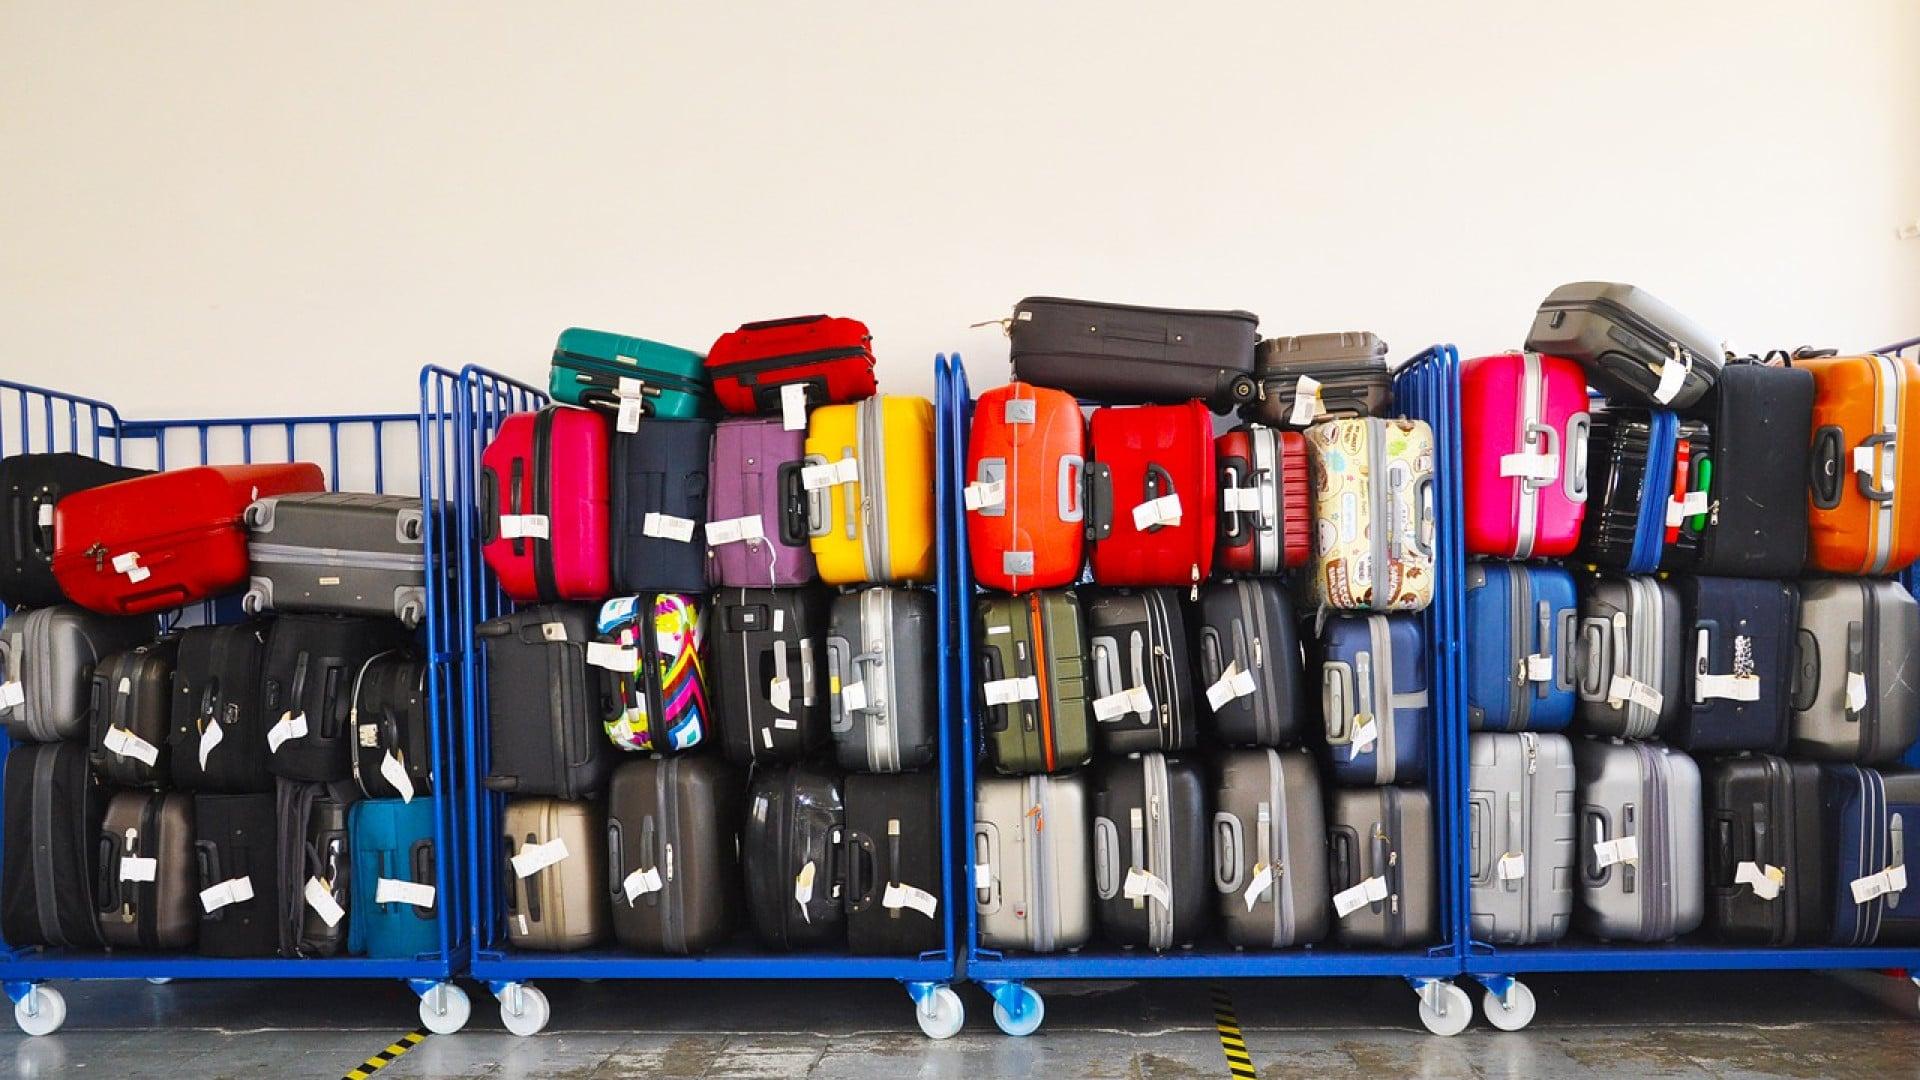 Organiser ses prochaines vacances : règle n°1 les bagages